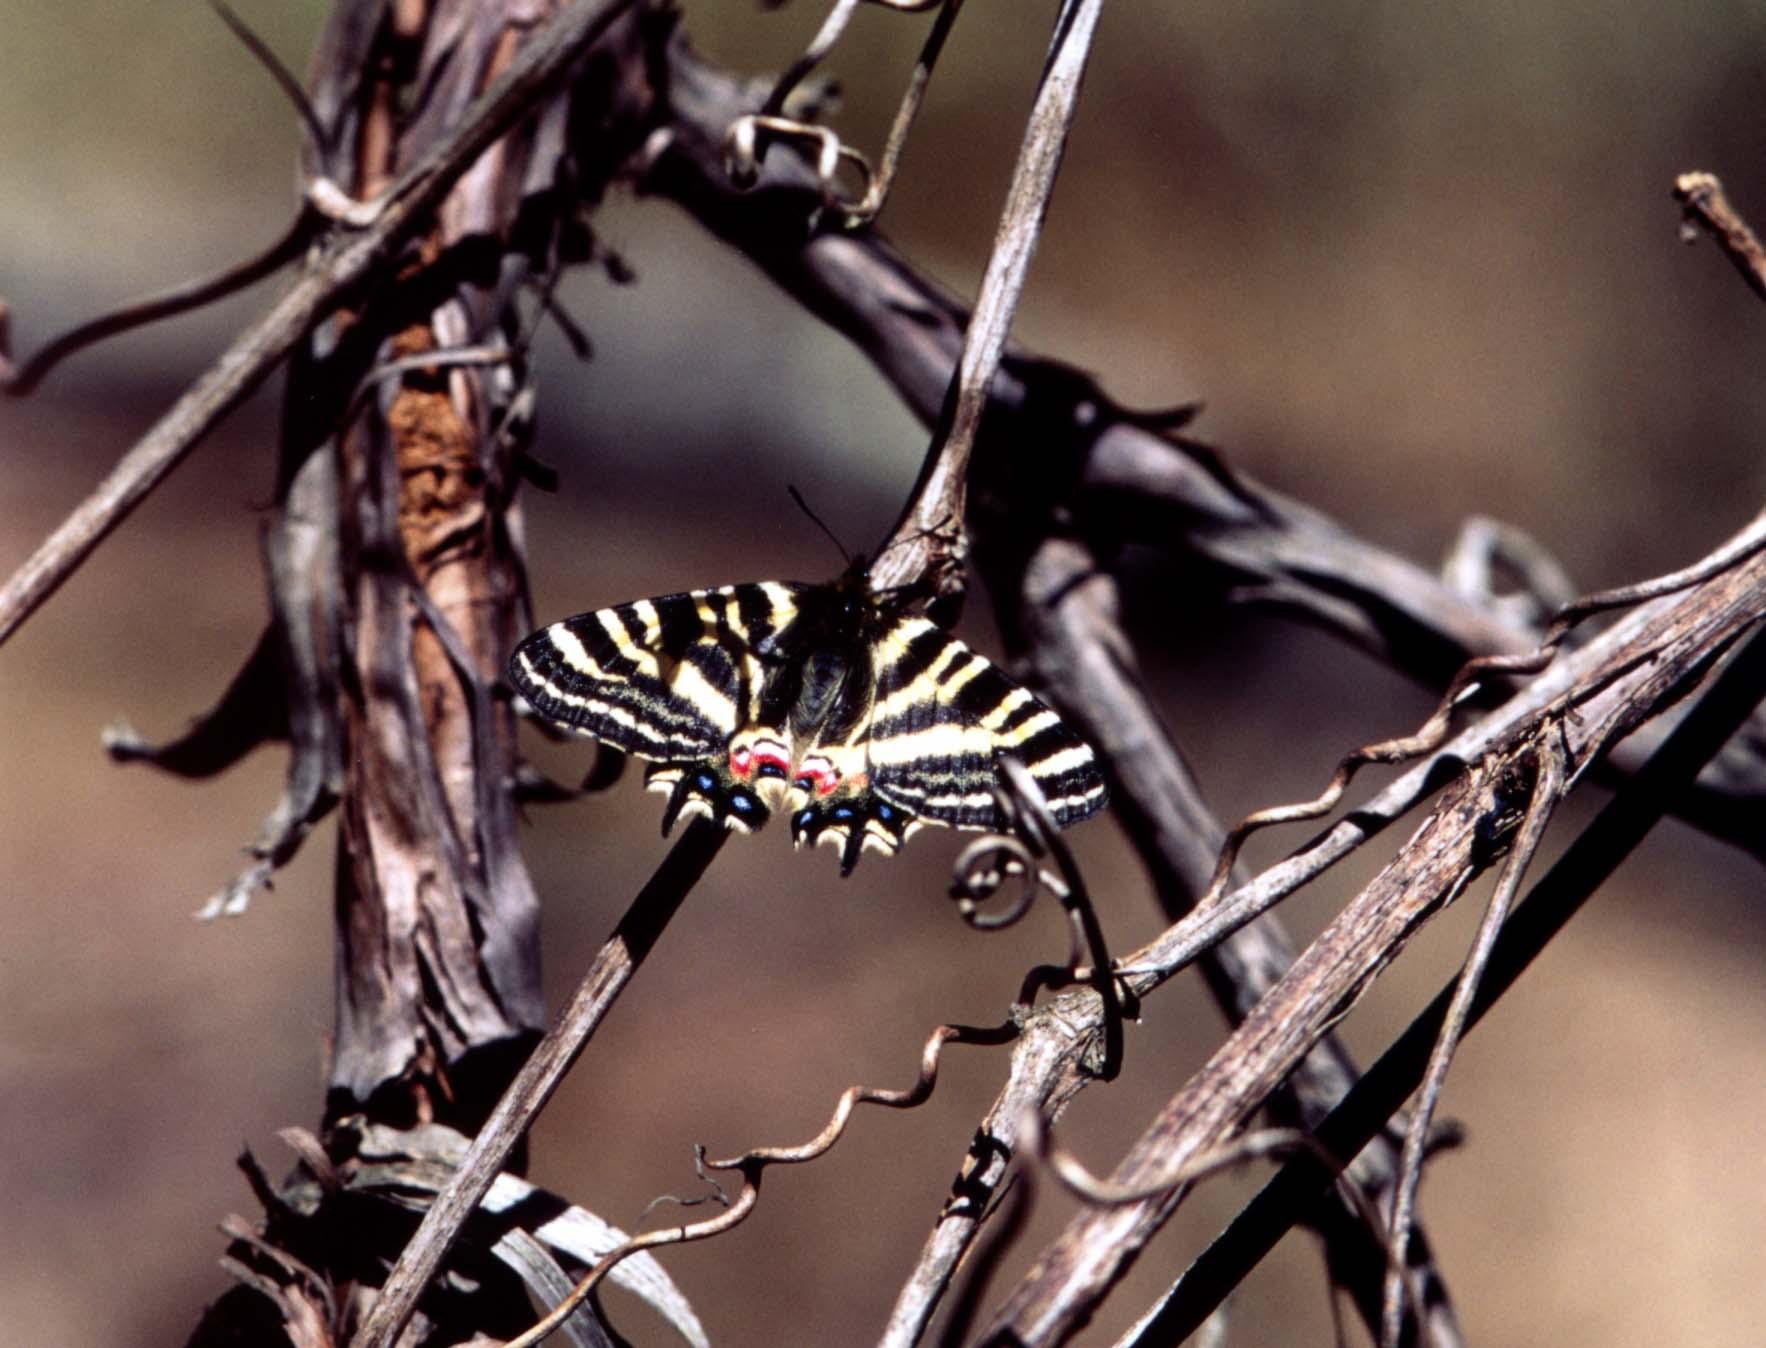 ヒメギフ 山葡萄にとまるヒメギフチョウ